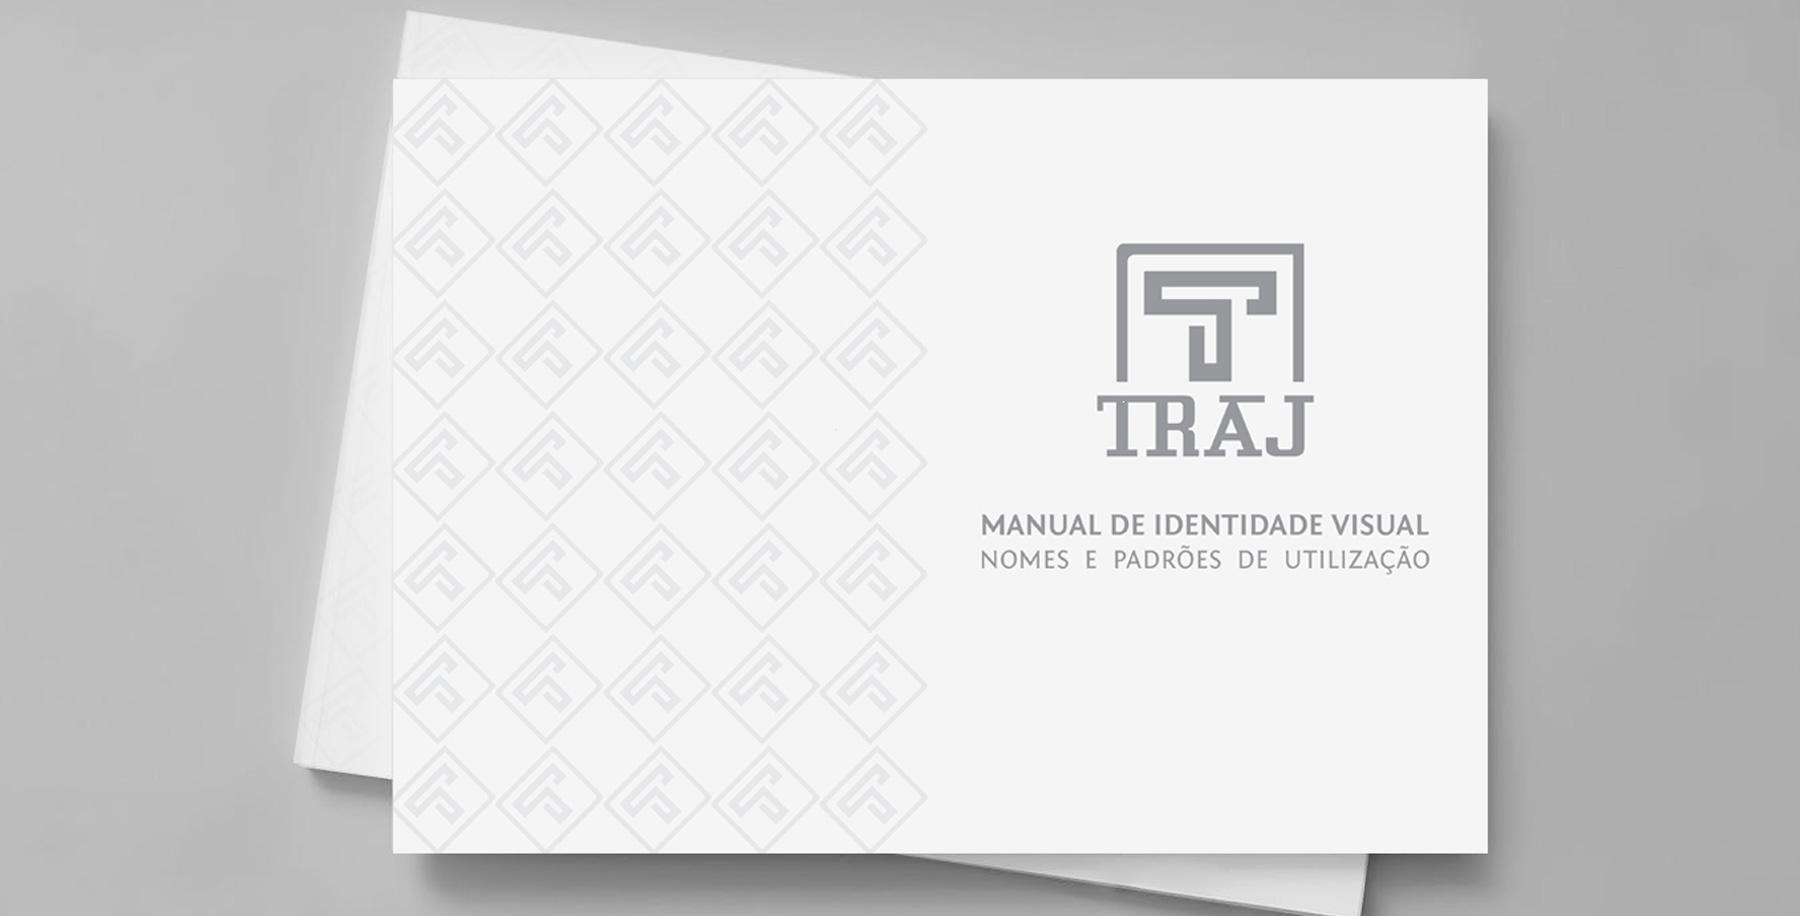 TRAJ Identidade Visual 4